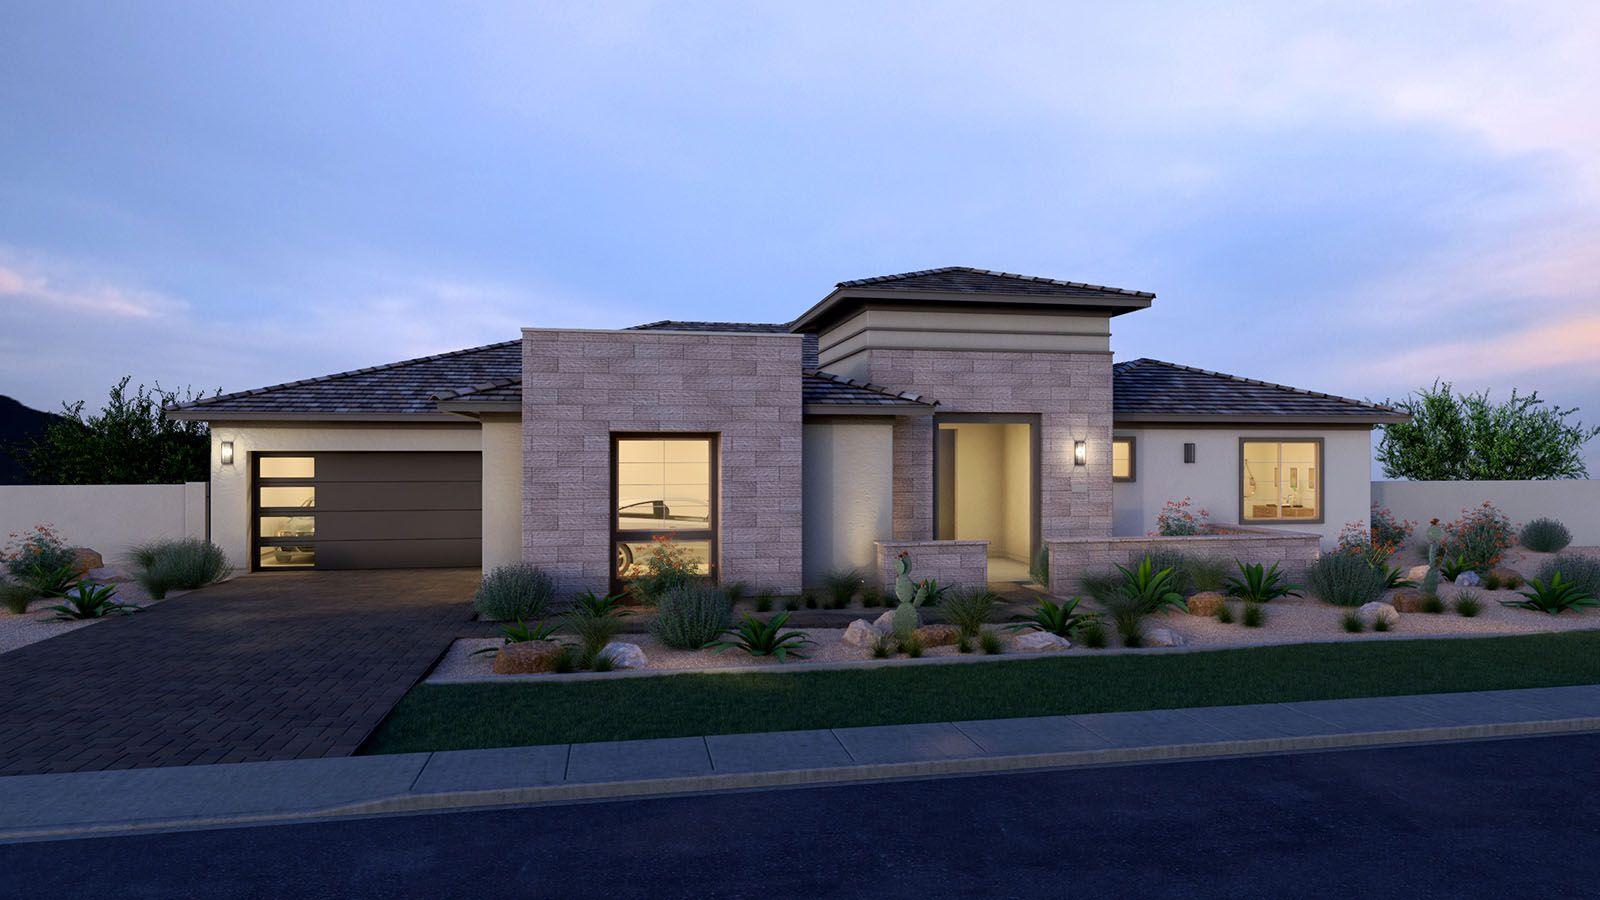 MH-residence-Domaine-Waterston-Residence-2-D-DUSK-:Desert Elevation